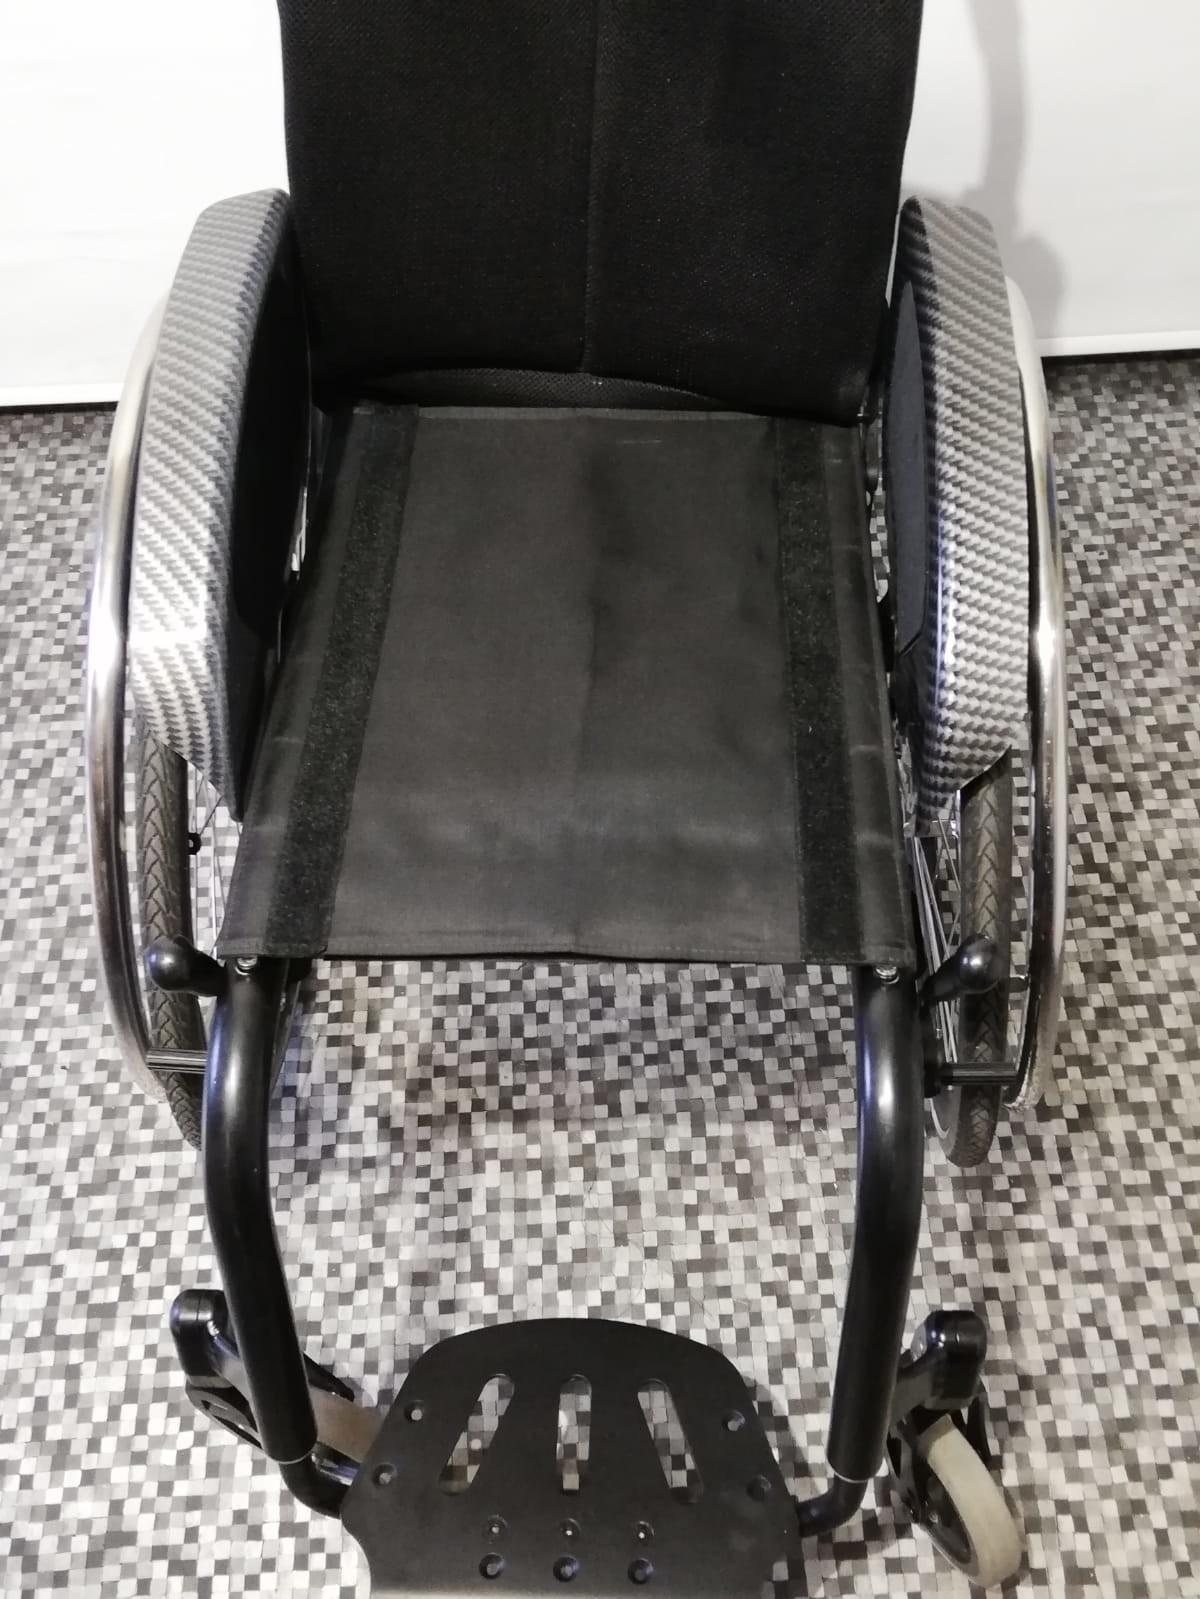 2OygWv - Berollka Cobra Spor Alman markası aktif tekerlekli sandalye satılıktır